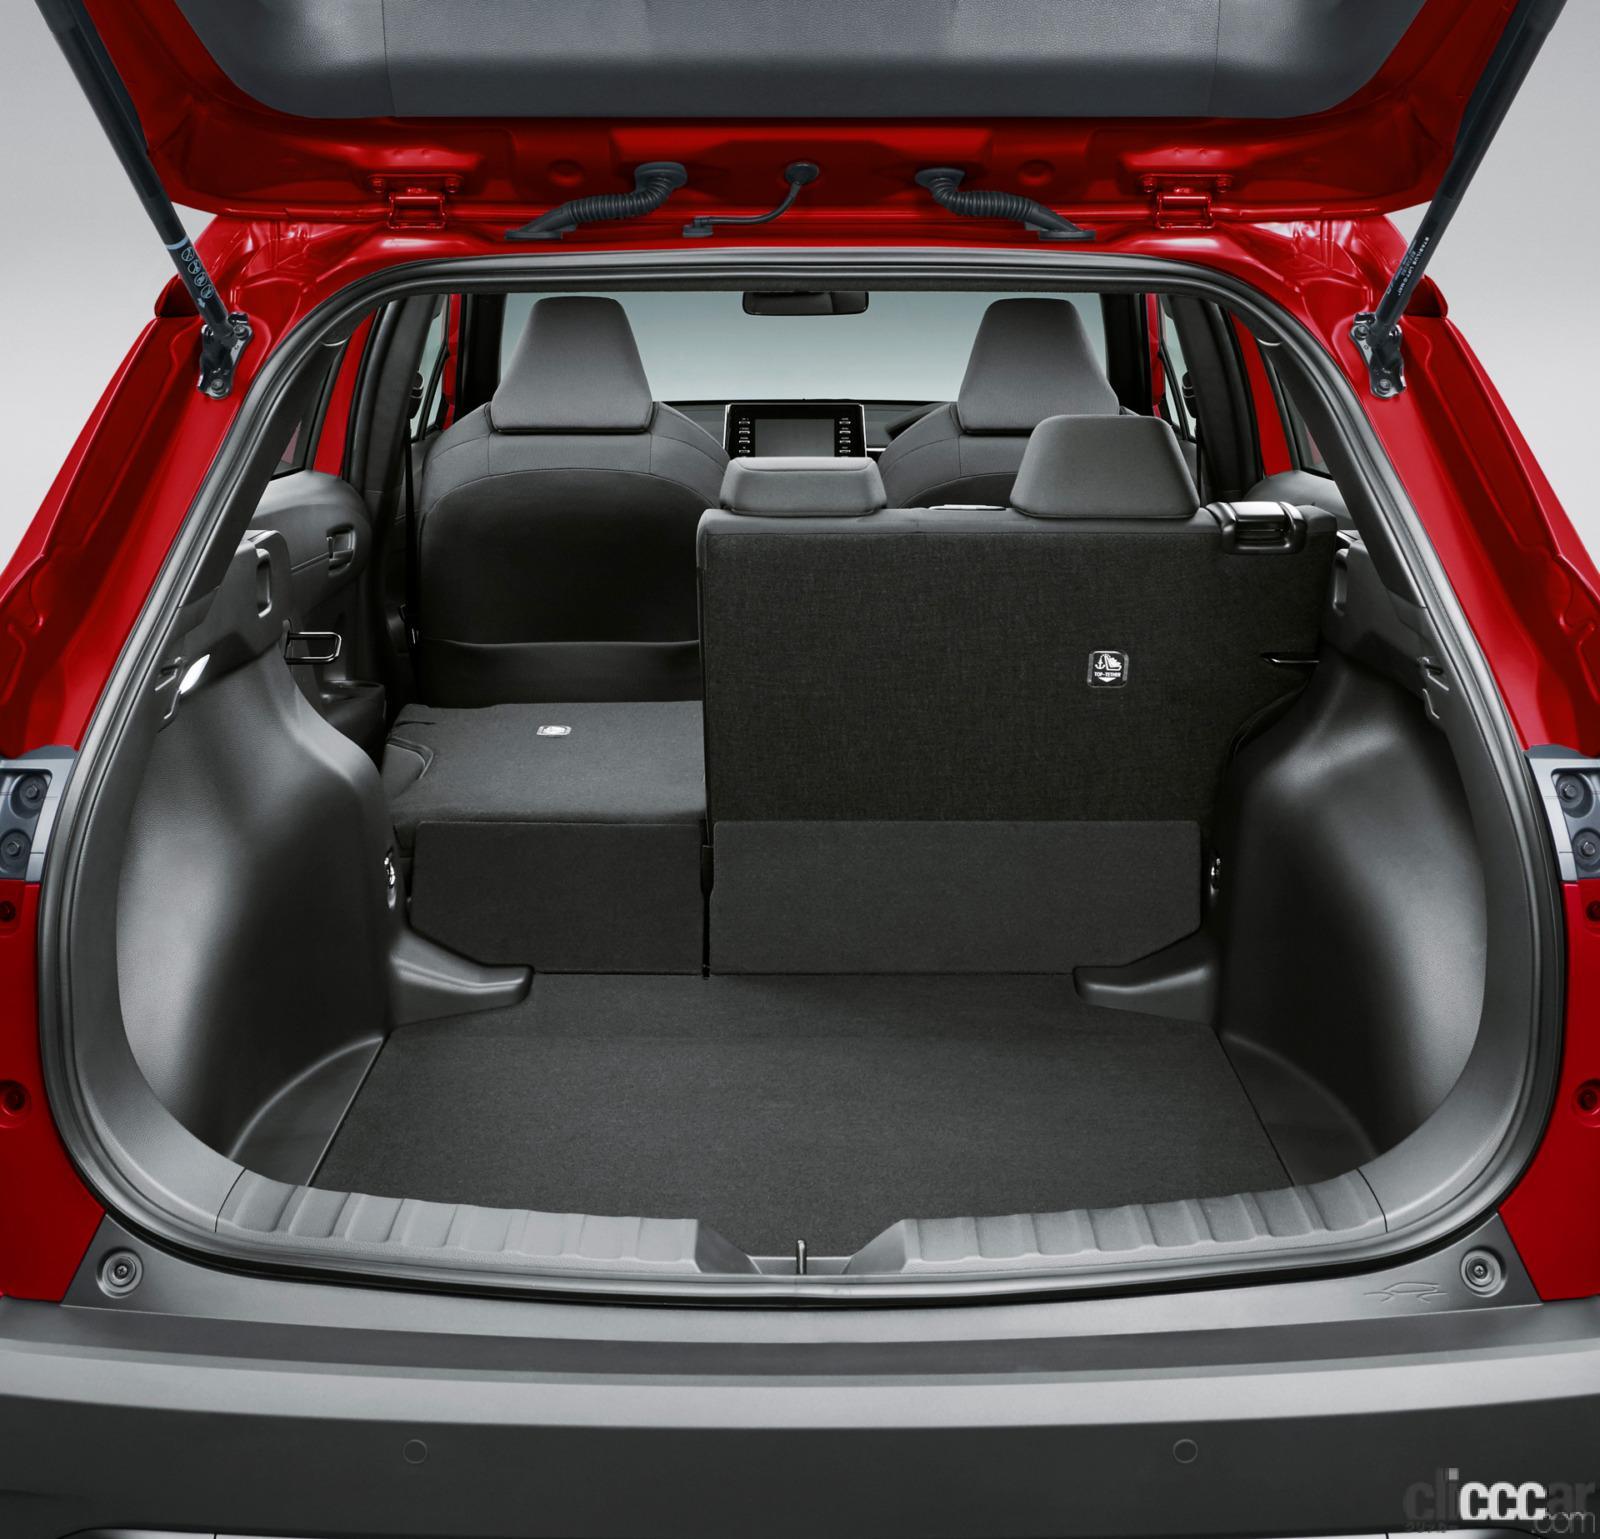 「トヨタ新型カローラ クロス発売。ボディサイズやラゲッジスペースはC-HRとどう違う?」の7枚目の画像